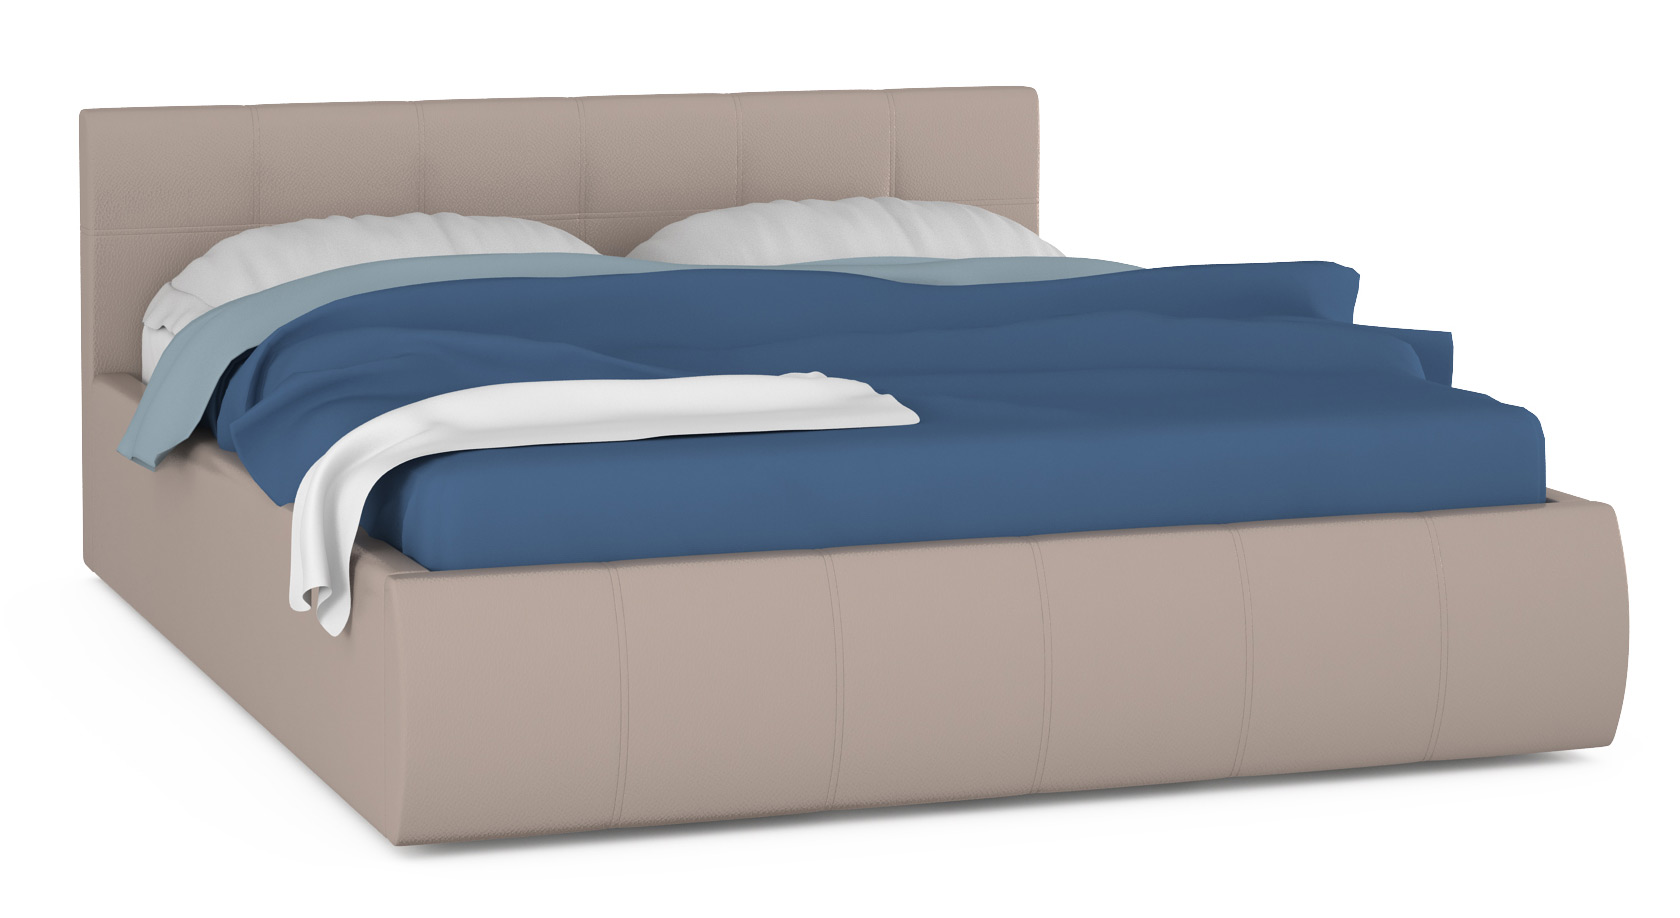 Кровать интерьерная Mobi Афина 177х219х81 см, бежевый фото